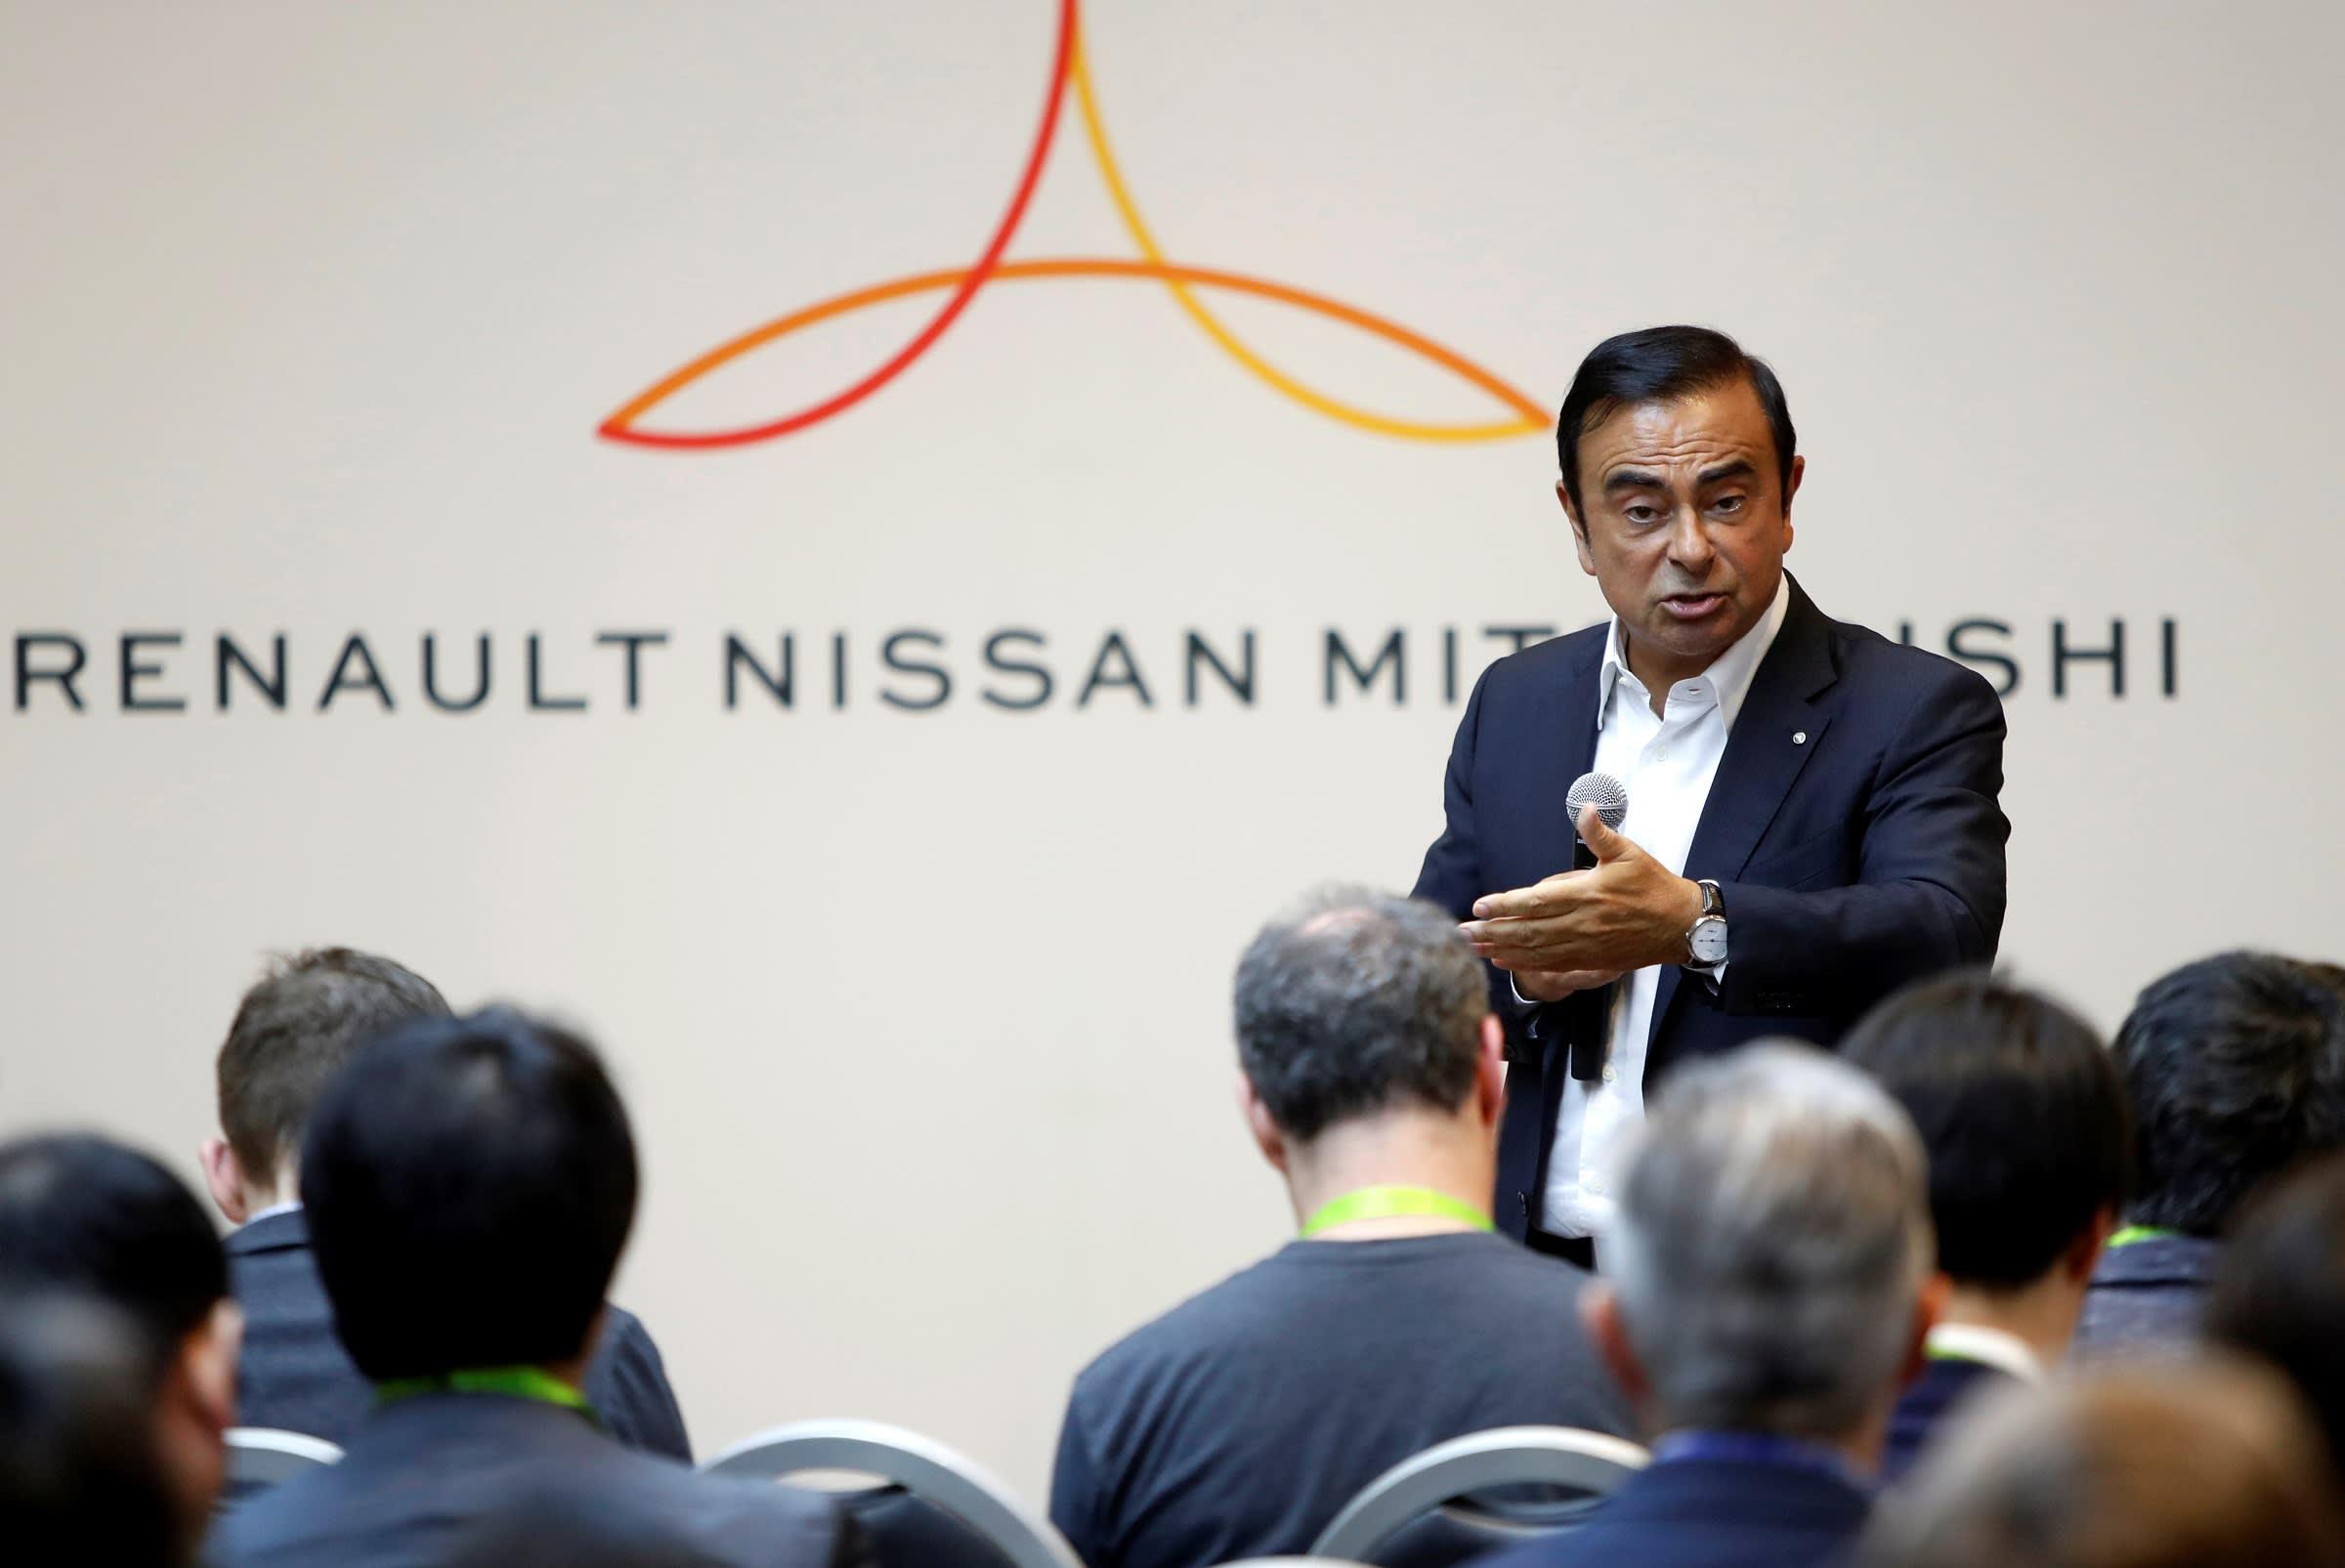 Carlos Ghosn usava o dinheiro da Nissan para comprar casas